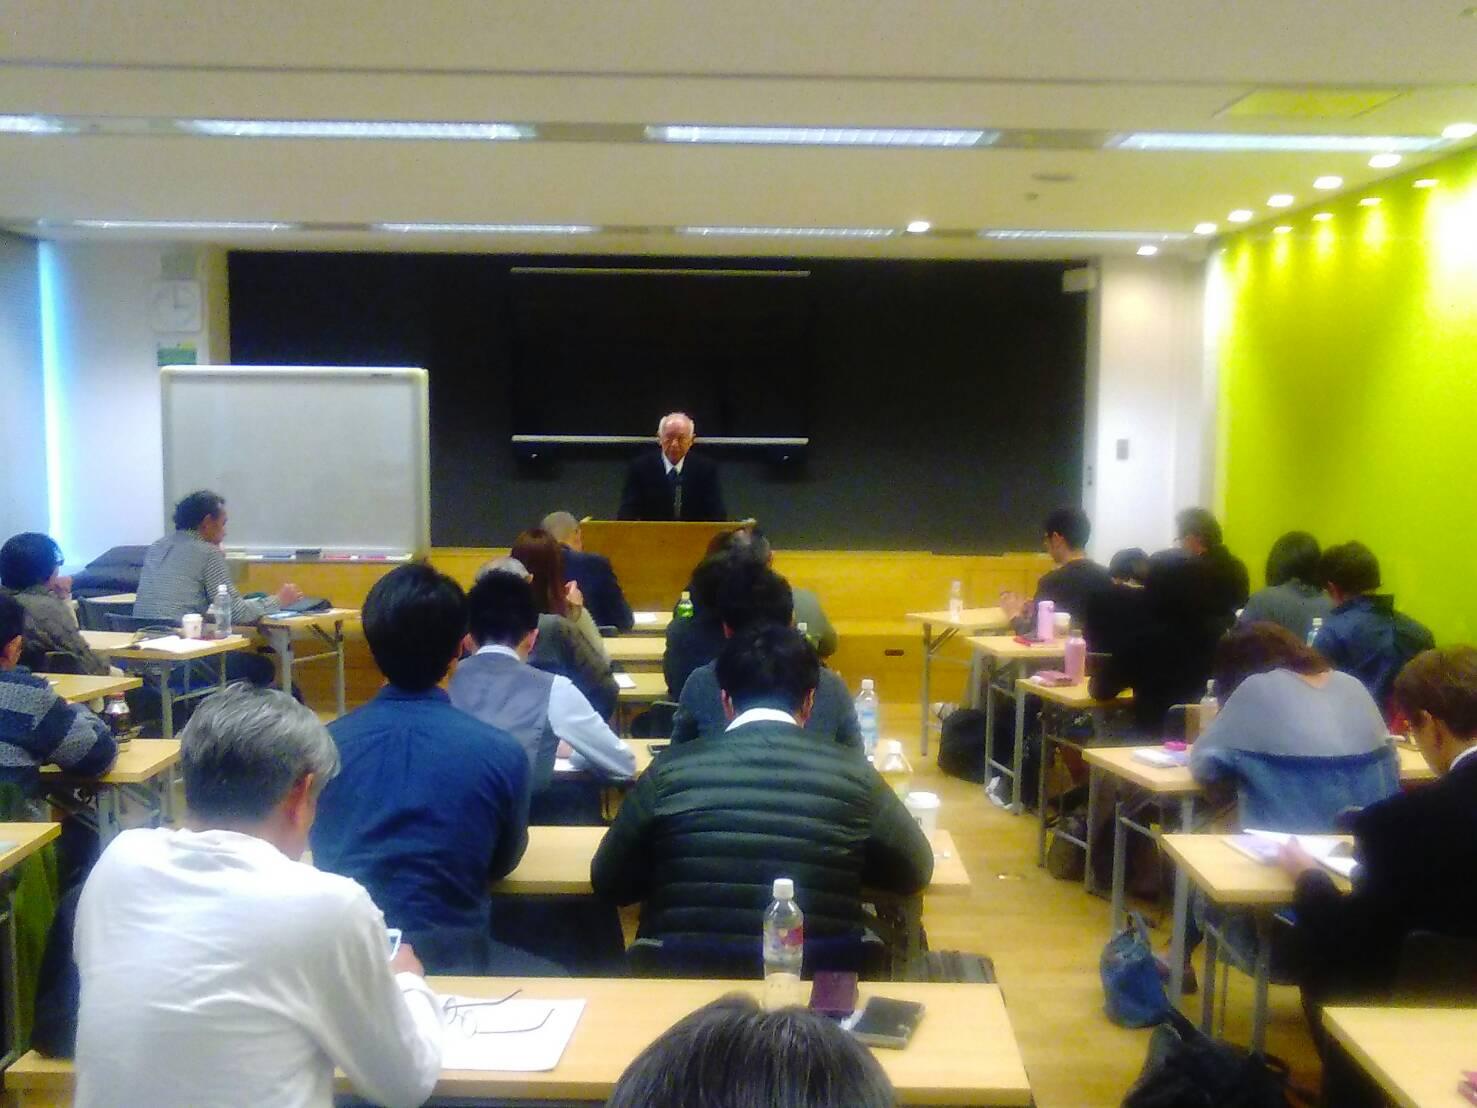 105857 1 - 2019年2月2日(土)第1回東京思風塾「第二の黎明期を作る問いとは」をテーマに開催